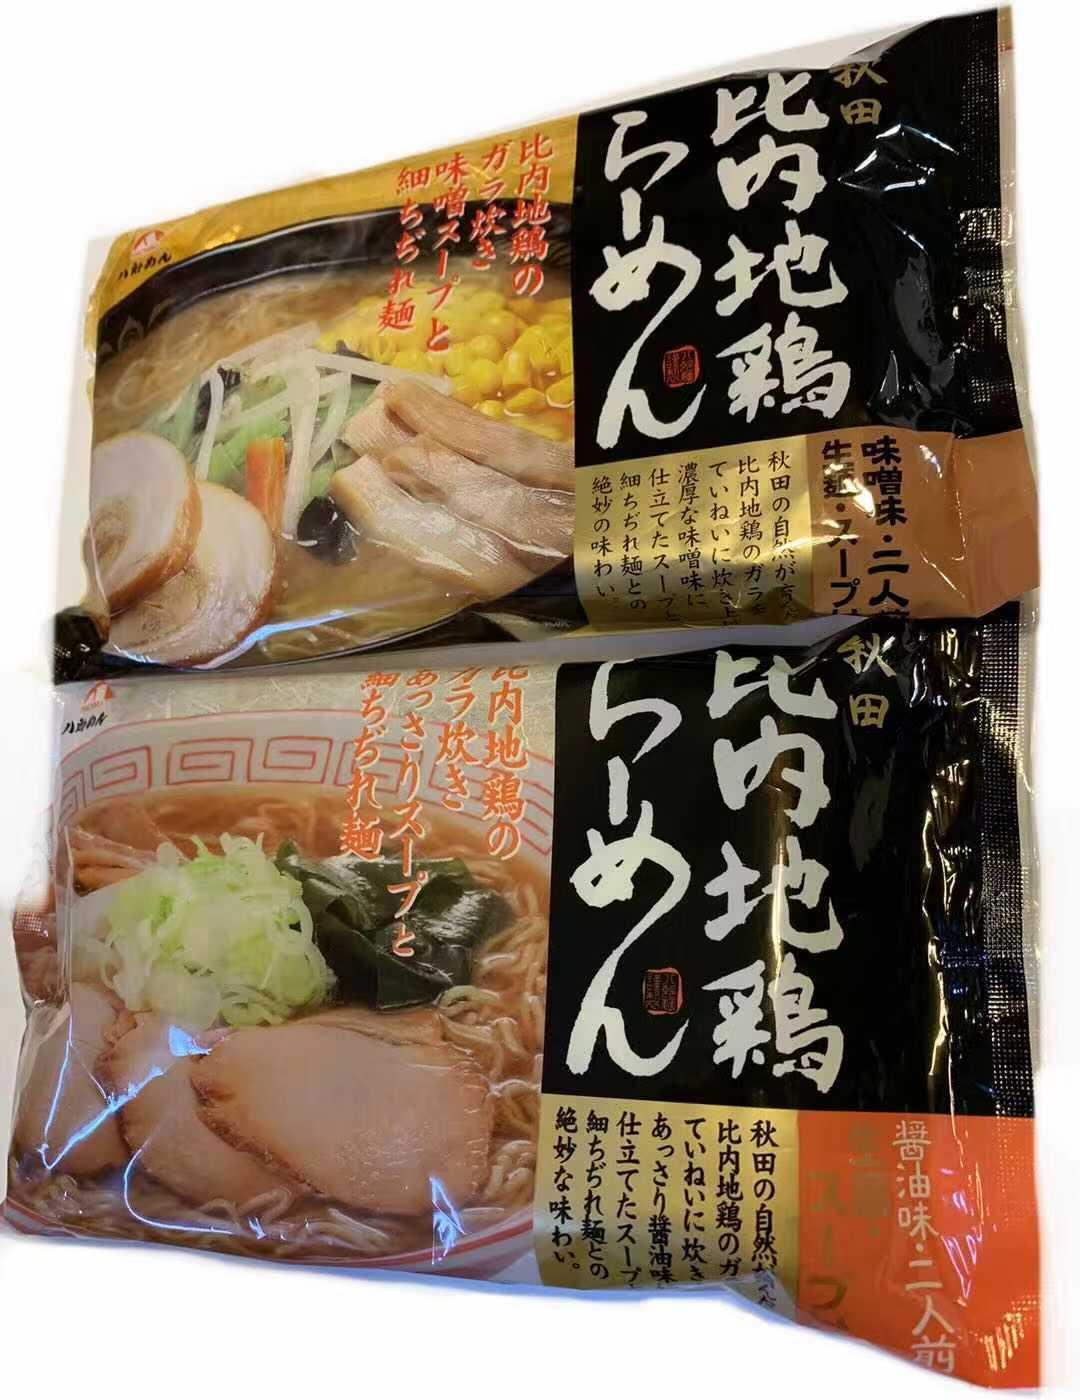 日本郵便クリックポスト便でお届けいたします 生麺 秋田 比内地鶏ラーメン 各1袋 味噌味2食入り 記念日 醤油味 超激安 計2袋